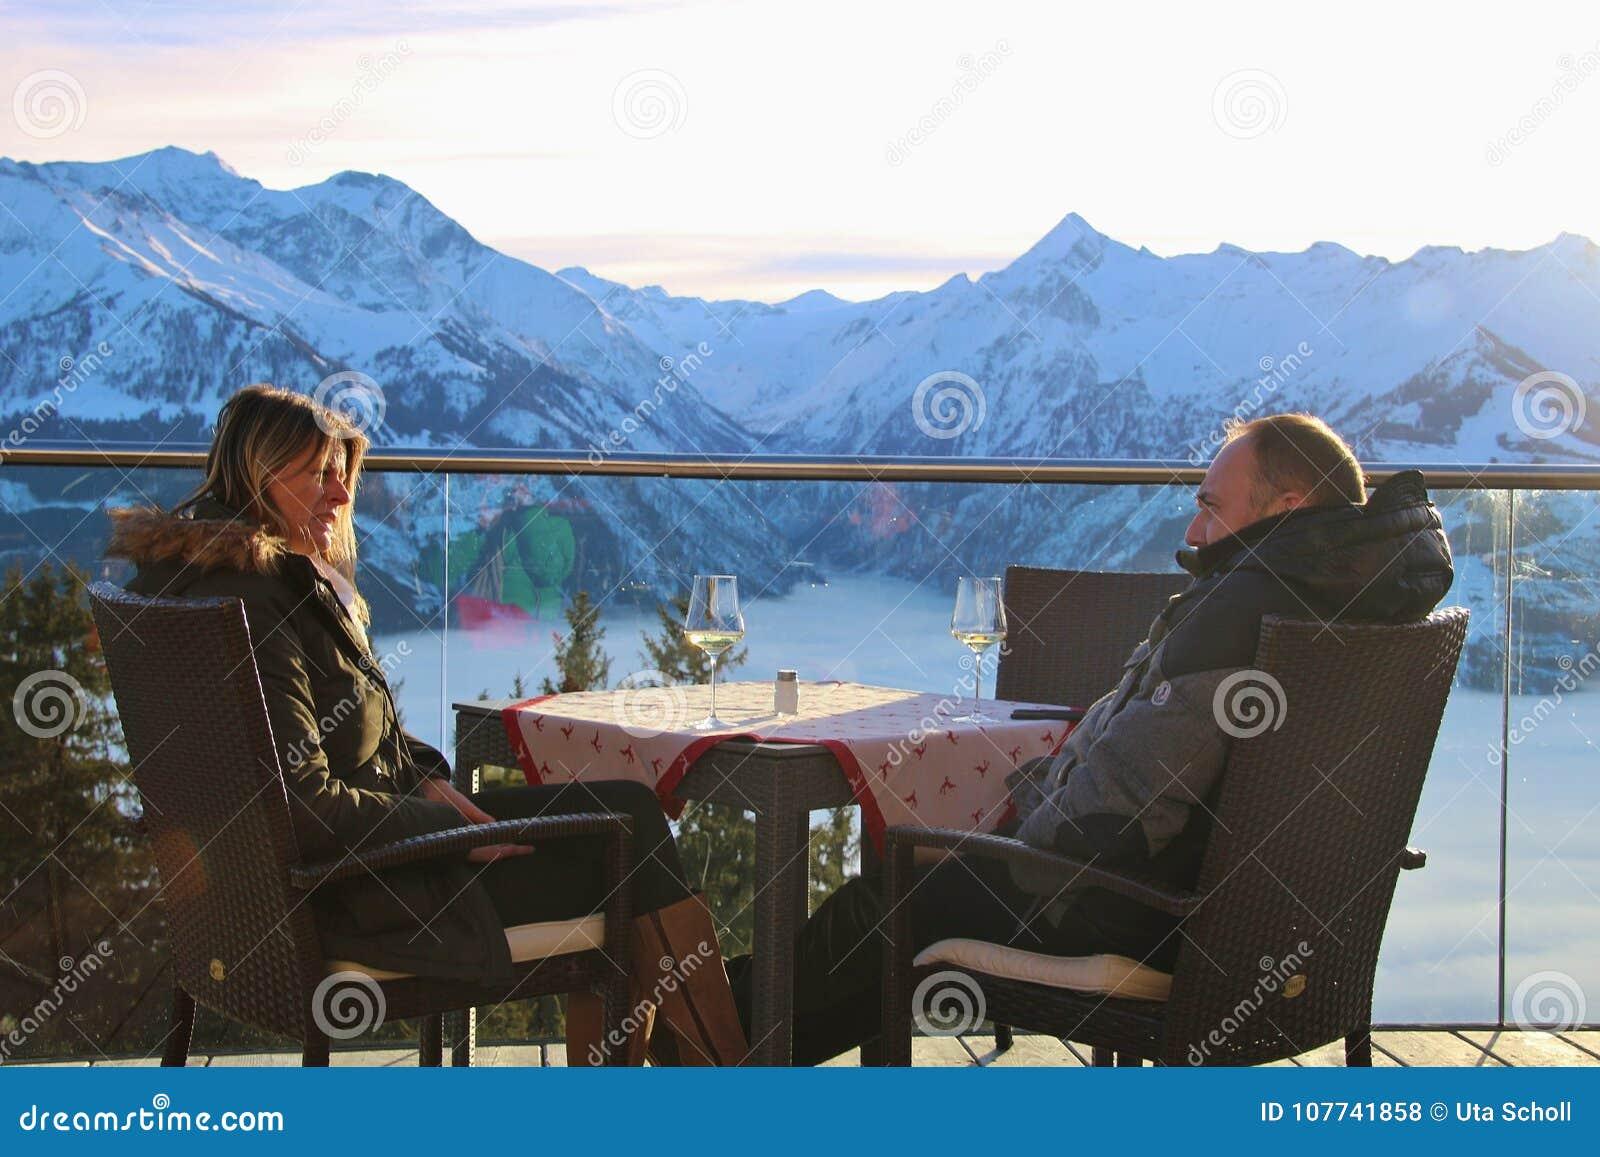 Un Couple Sur La Terrasse D Un Cafe Dans Les Montagnes En Hiver